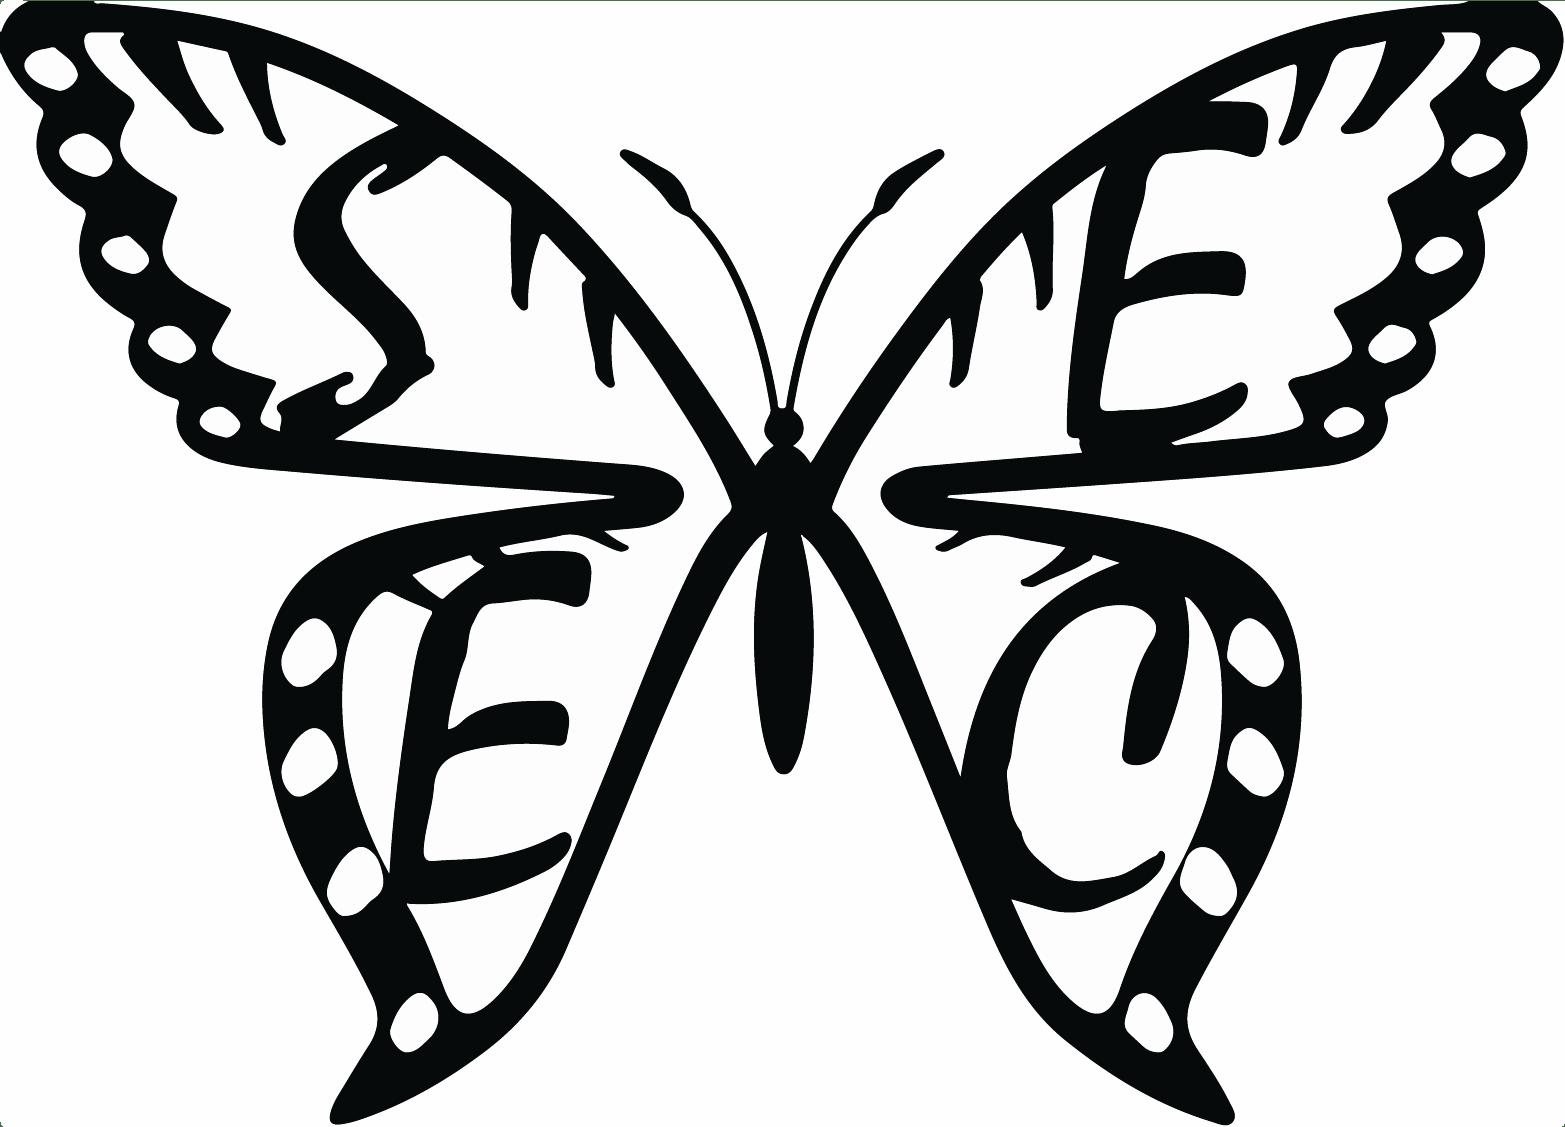 Register for SEEC 2017!